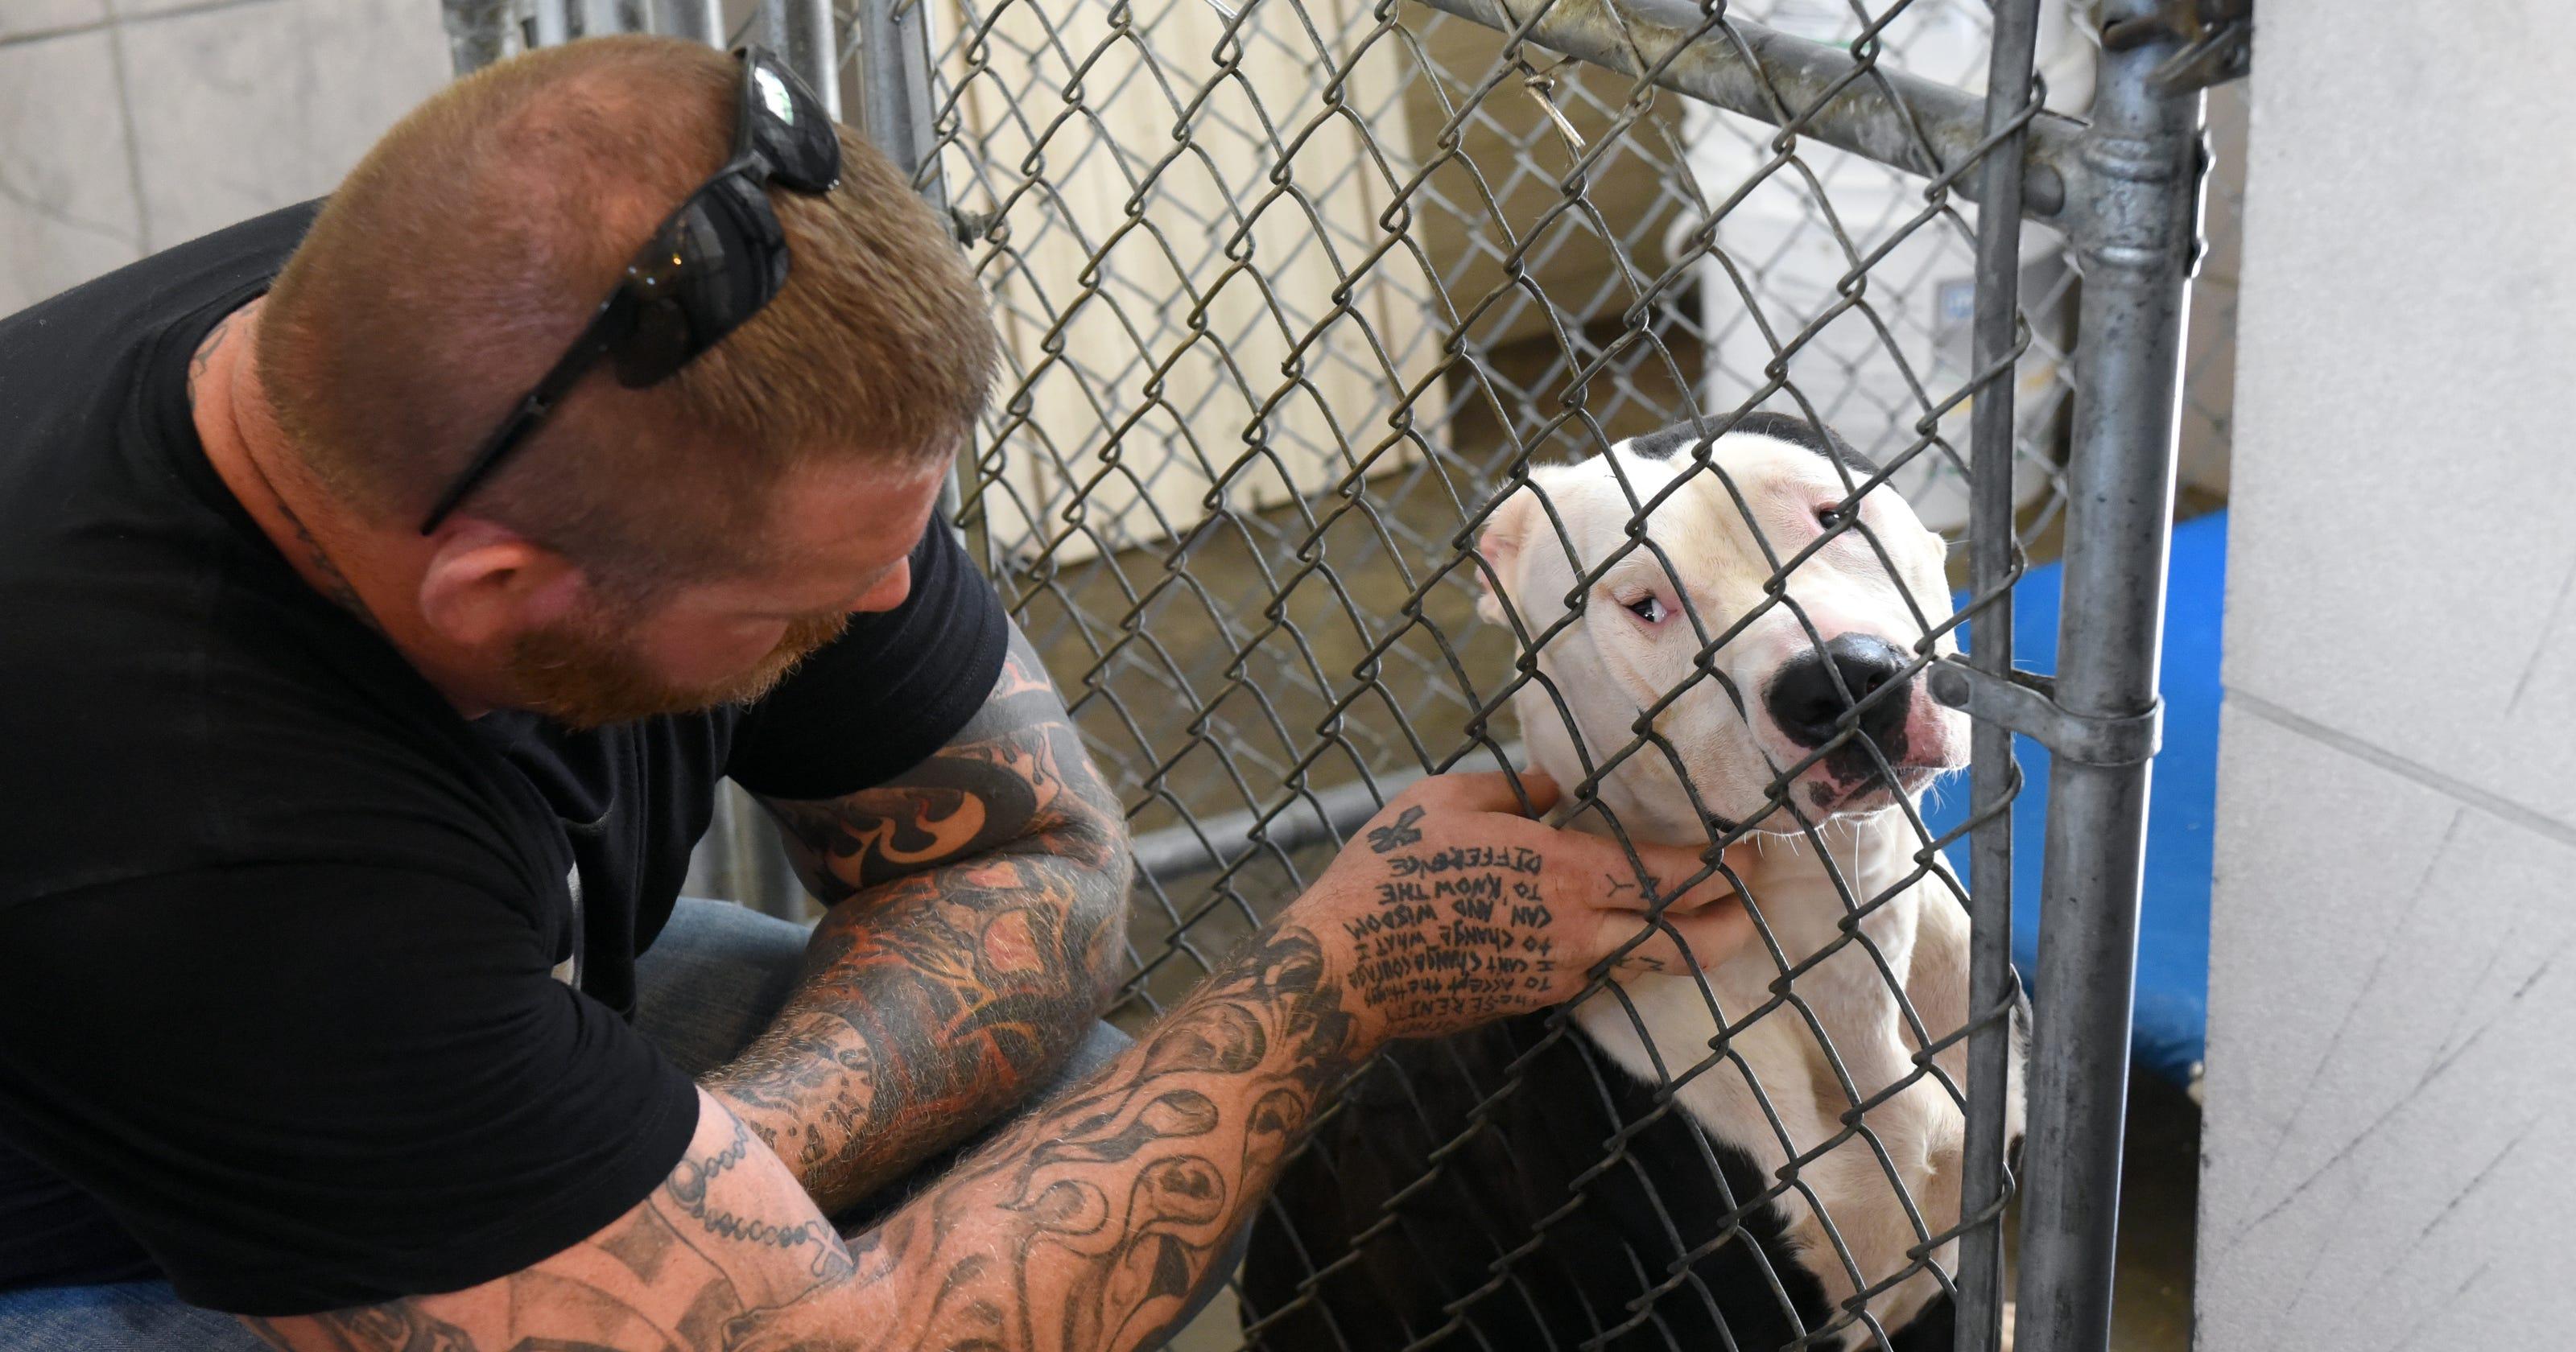 Petizione · Shut down the horrific dog pound in Constanza